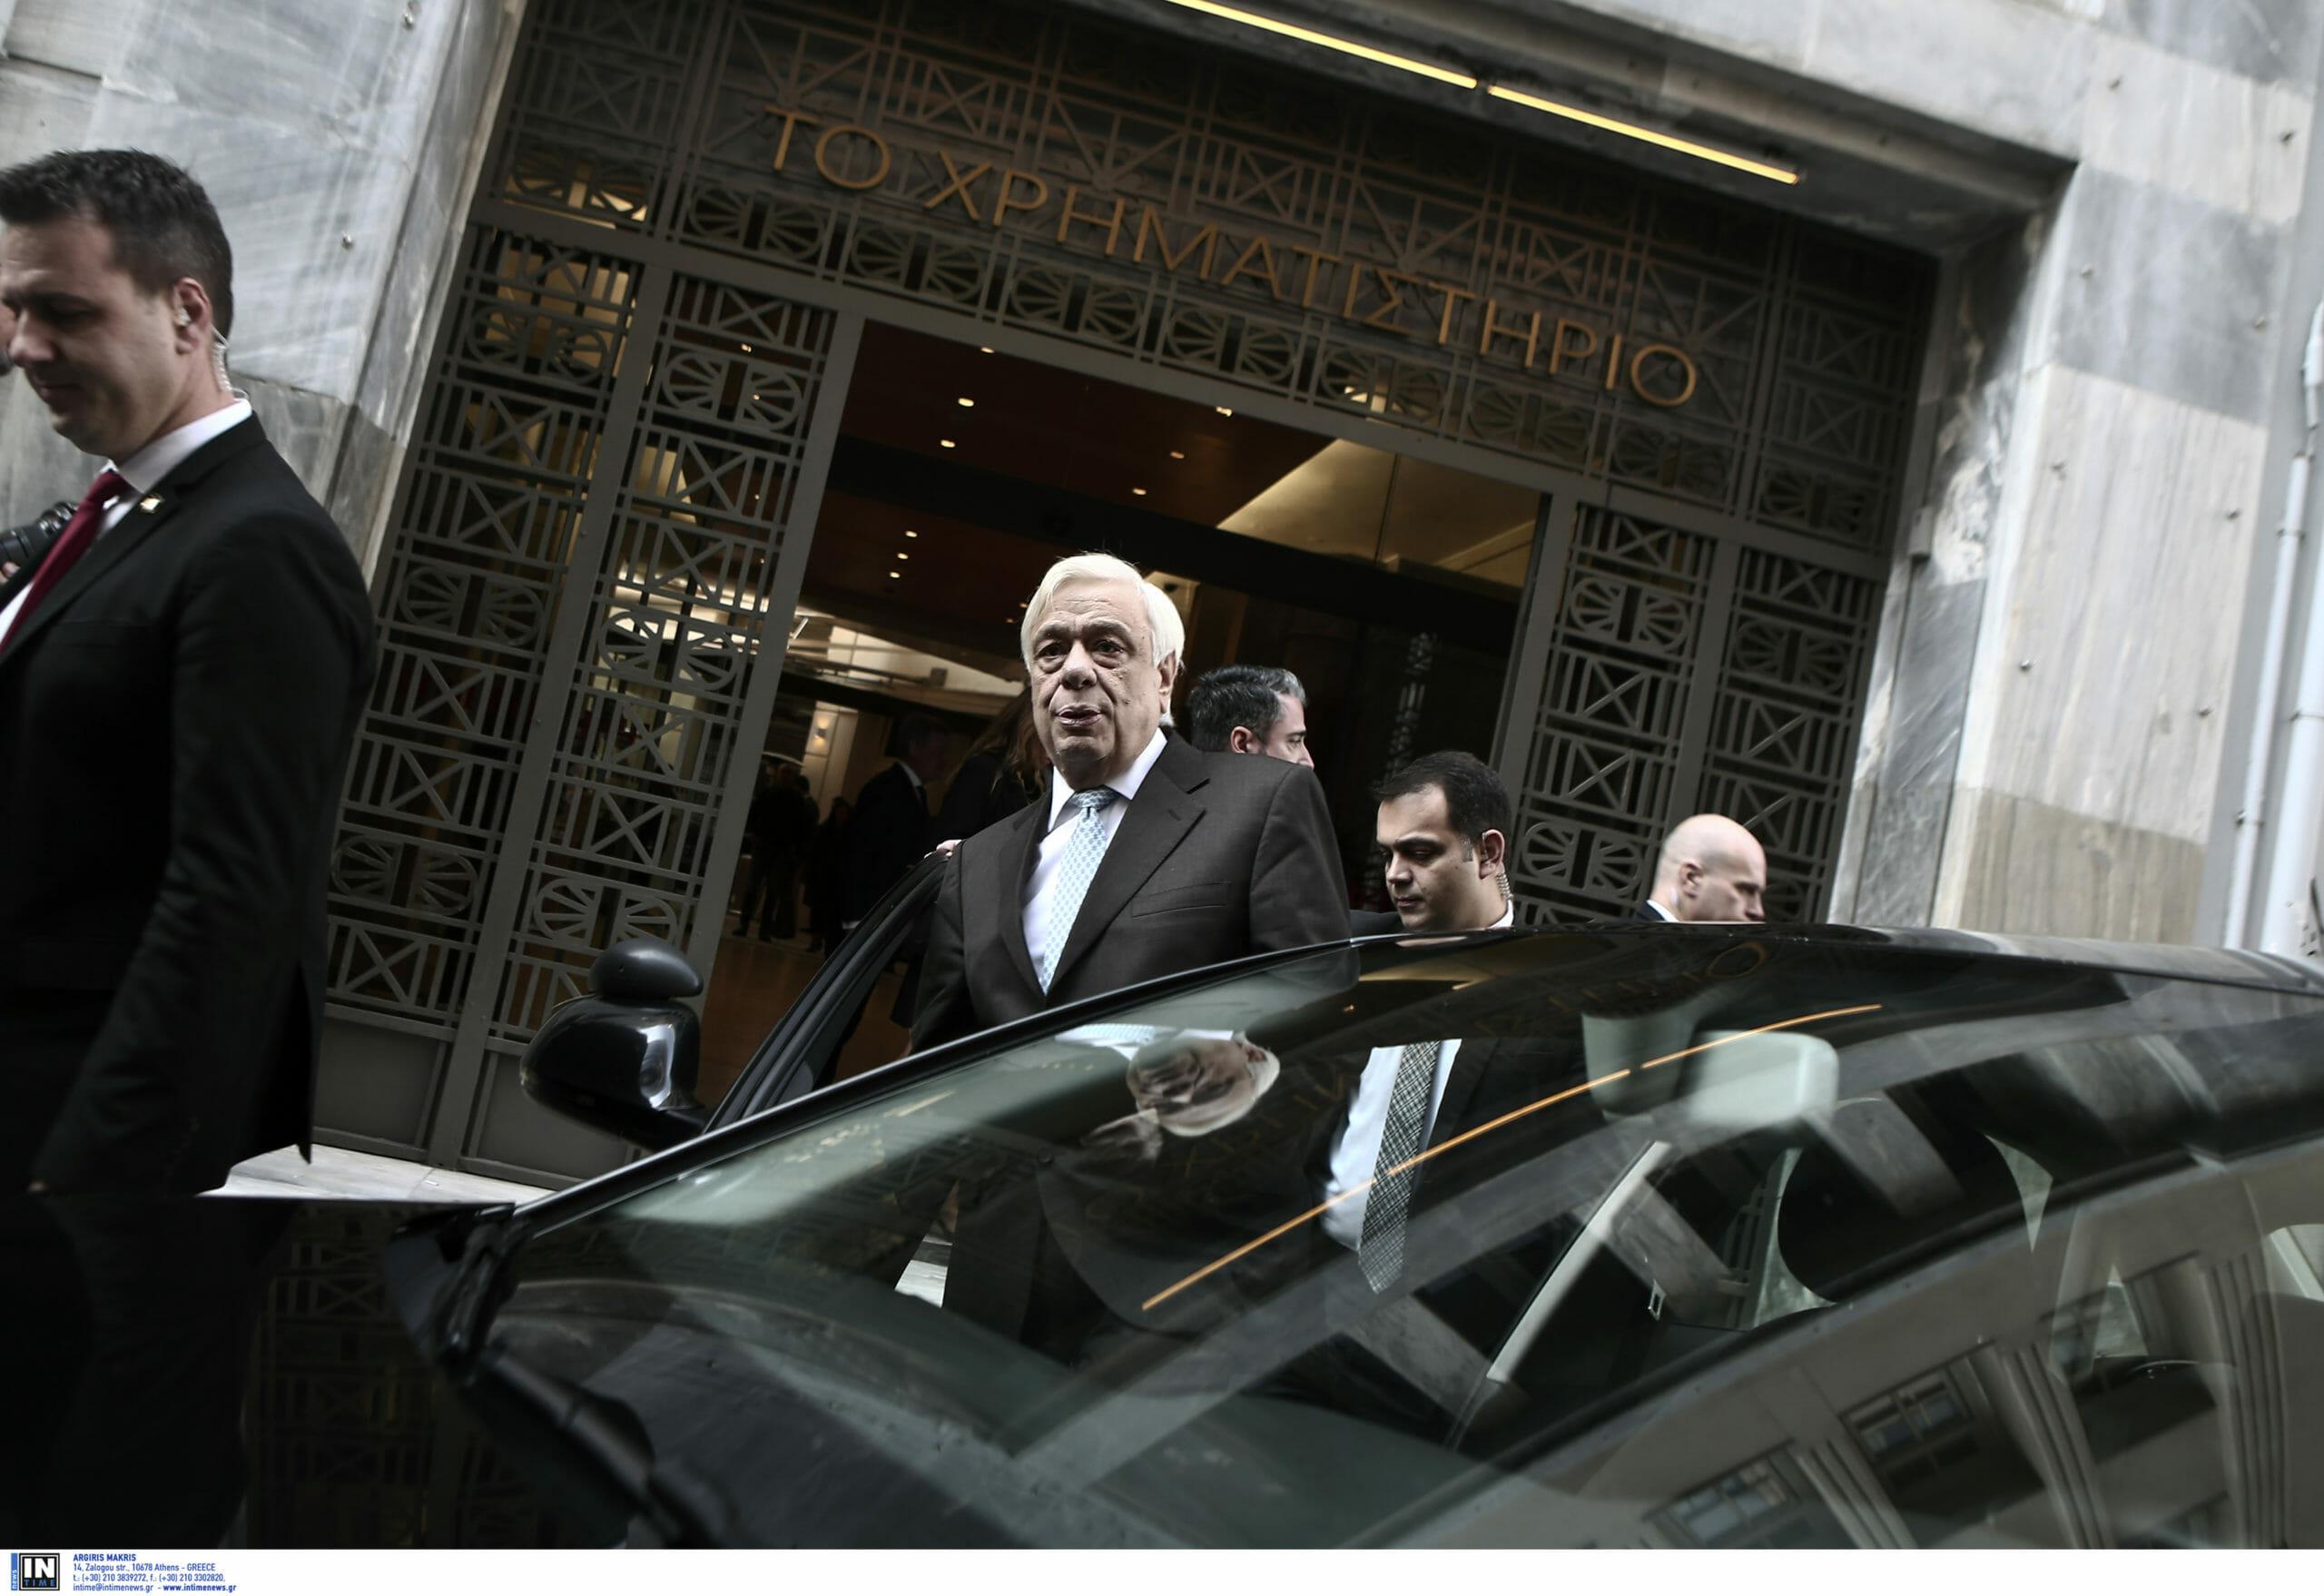 Παρέμβαση Παυλόπουλου: Το Ευρωπαϊκό Συμβούλιο να αρθεί στο ύψος των περιστάσεων